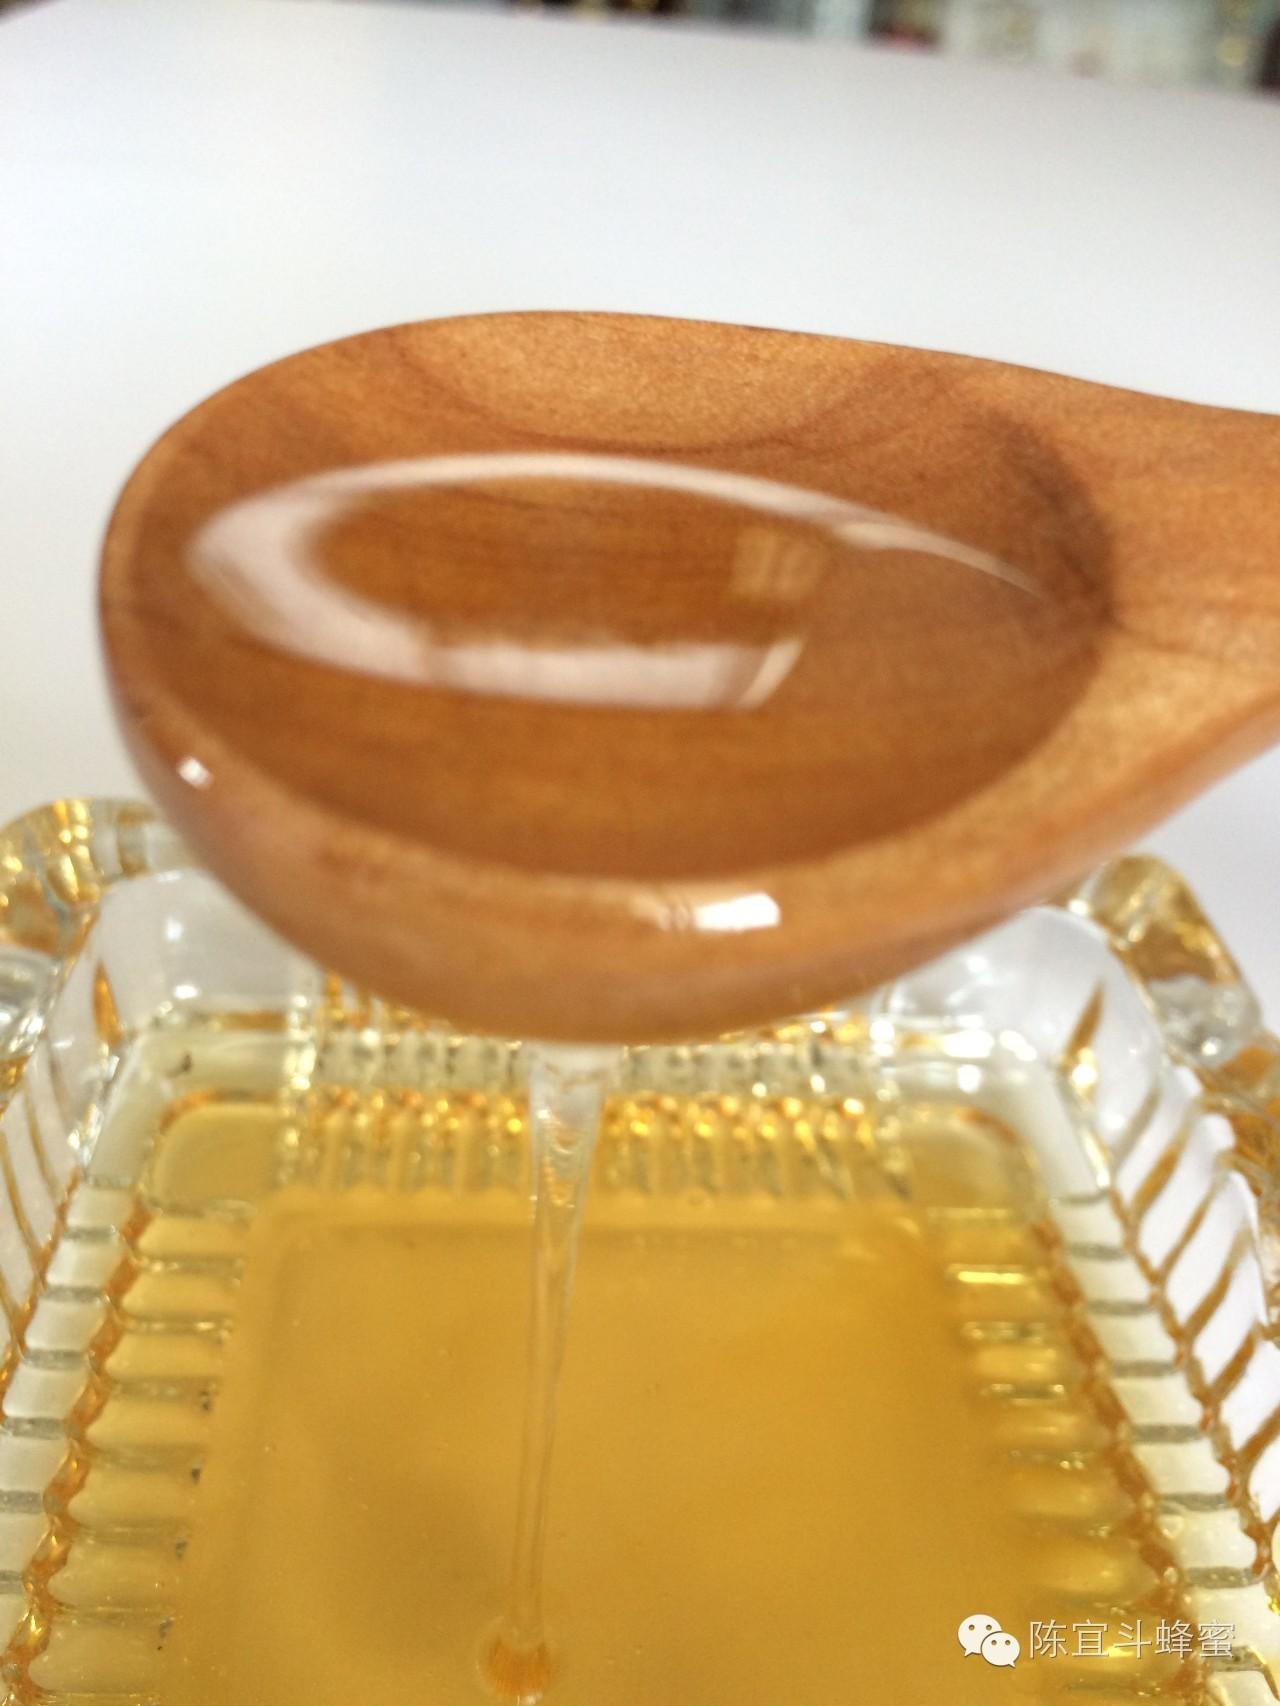 这样喝蜂蜜,既不浪费还很健康!